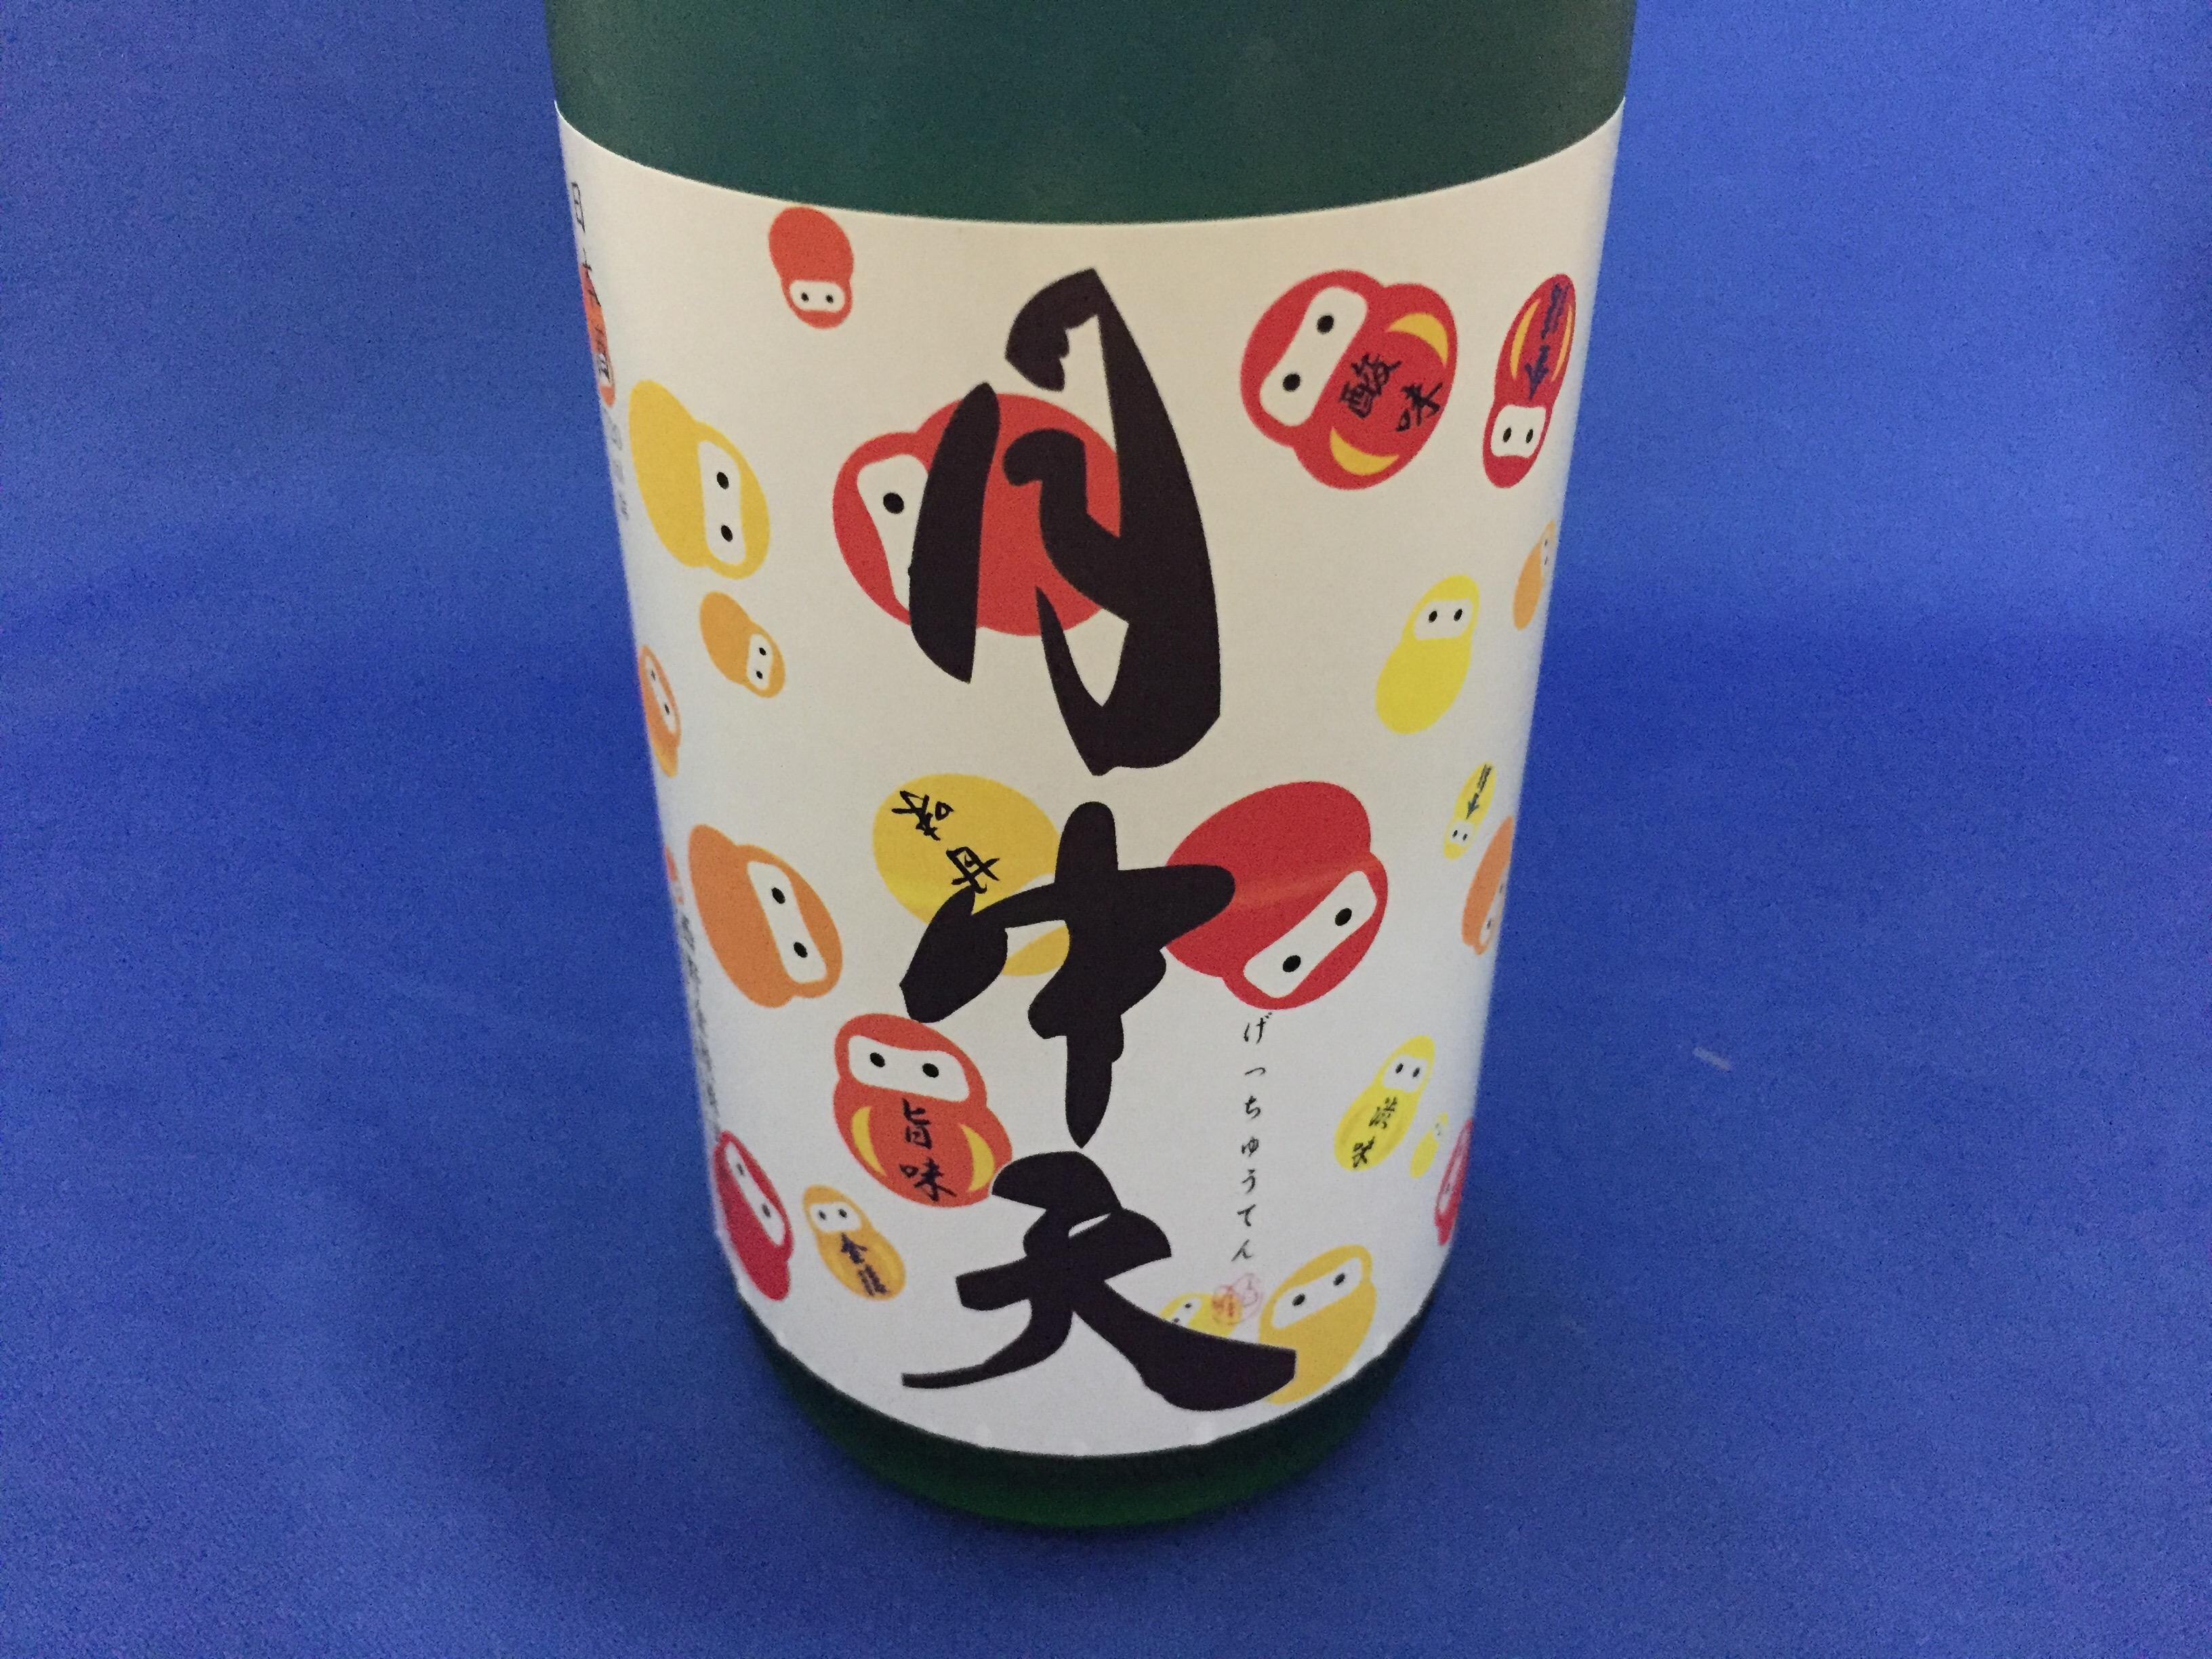 四国香川がつくり出すキラキラした日本酒 <br>「月中天」だるまラベル